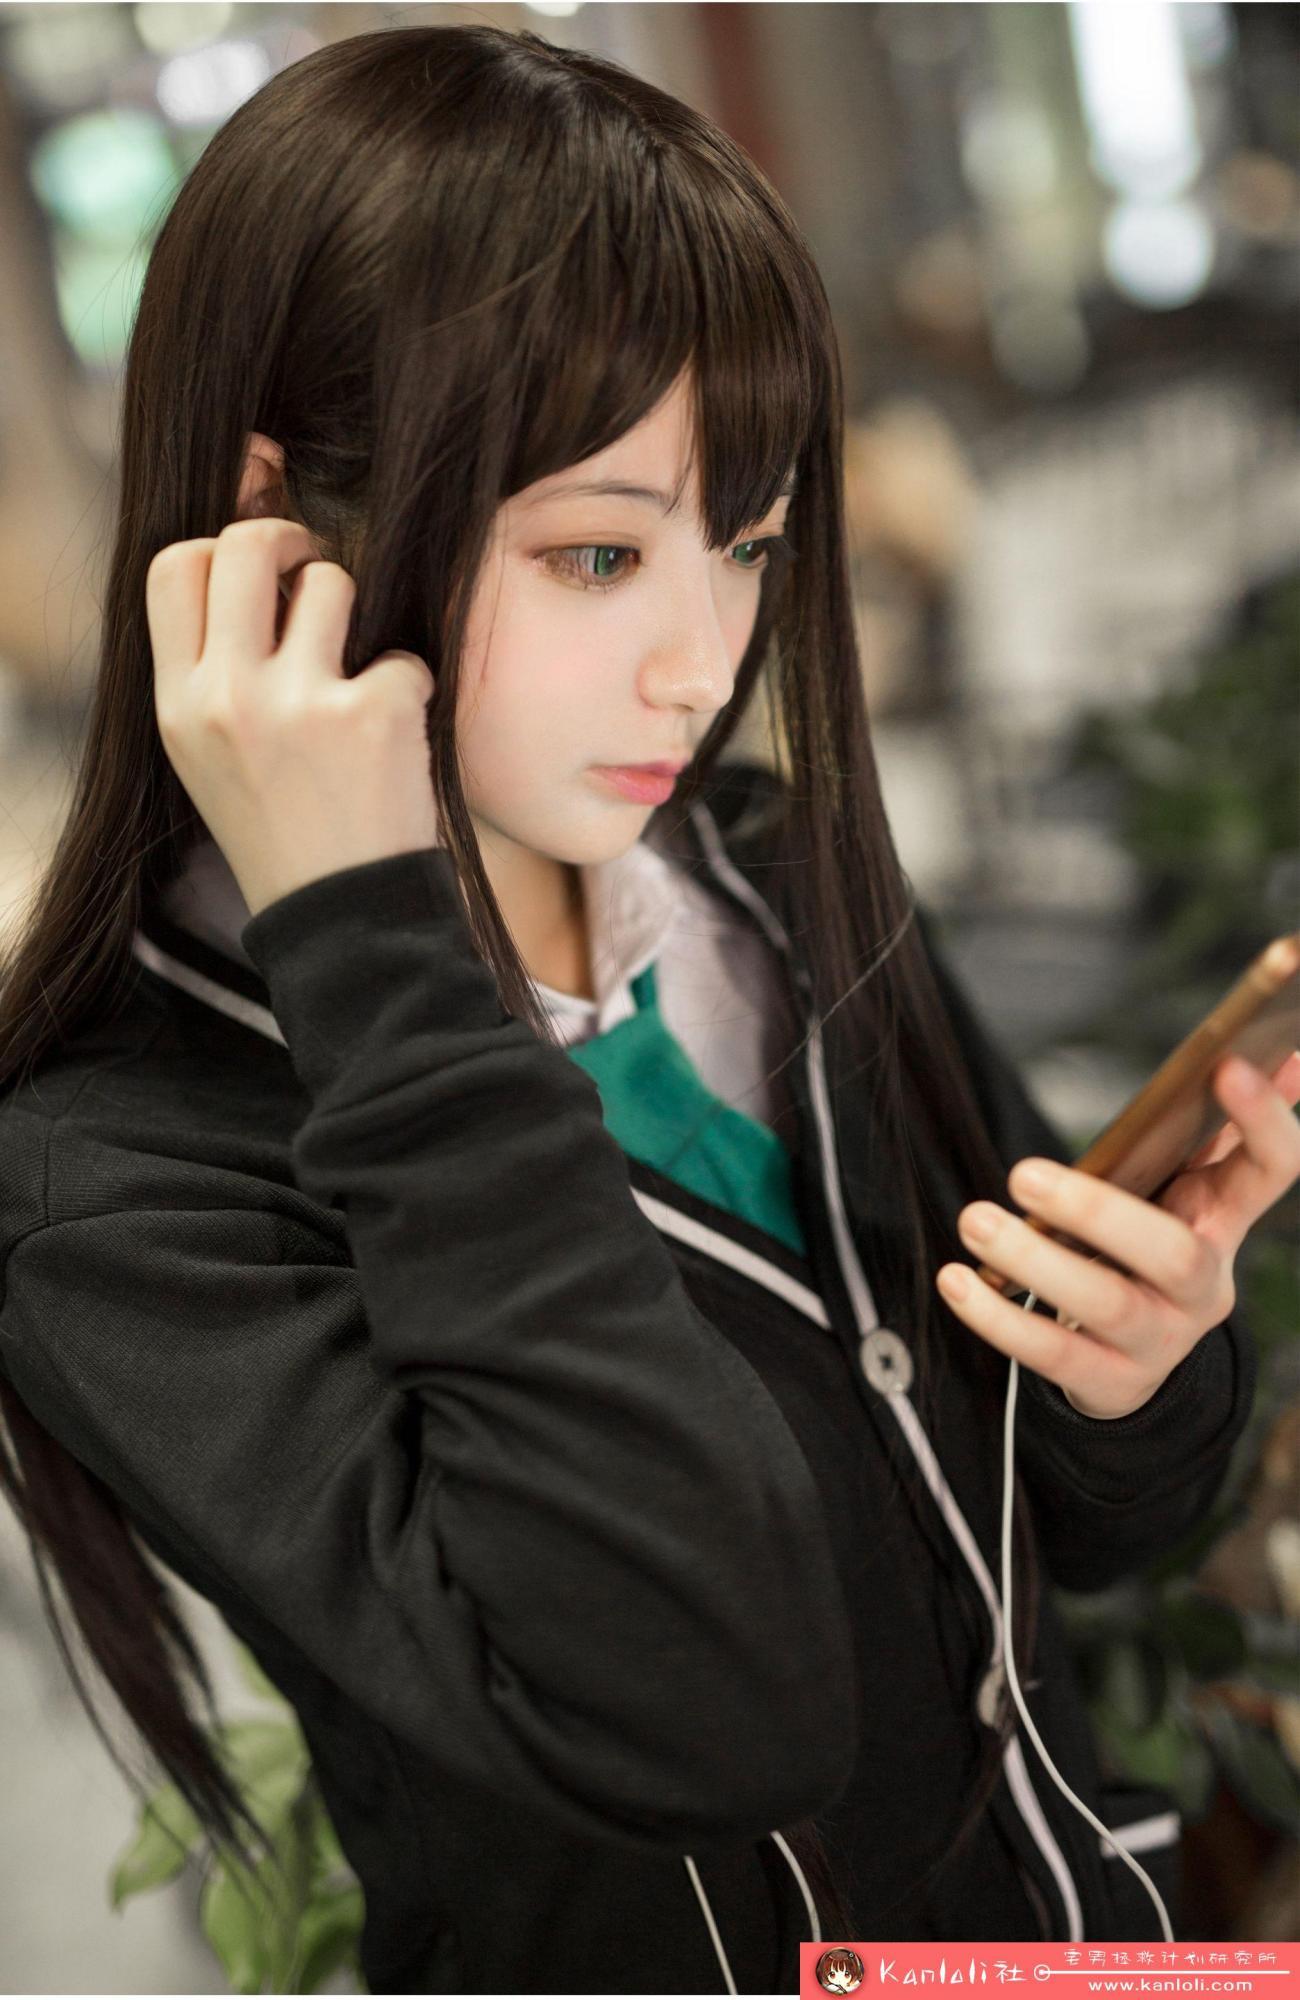 【疯猫ss】疯猫ss写真-FM-001 碧眼校服 [19P]